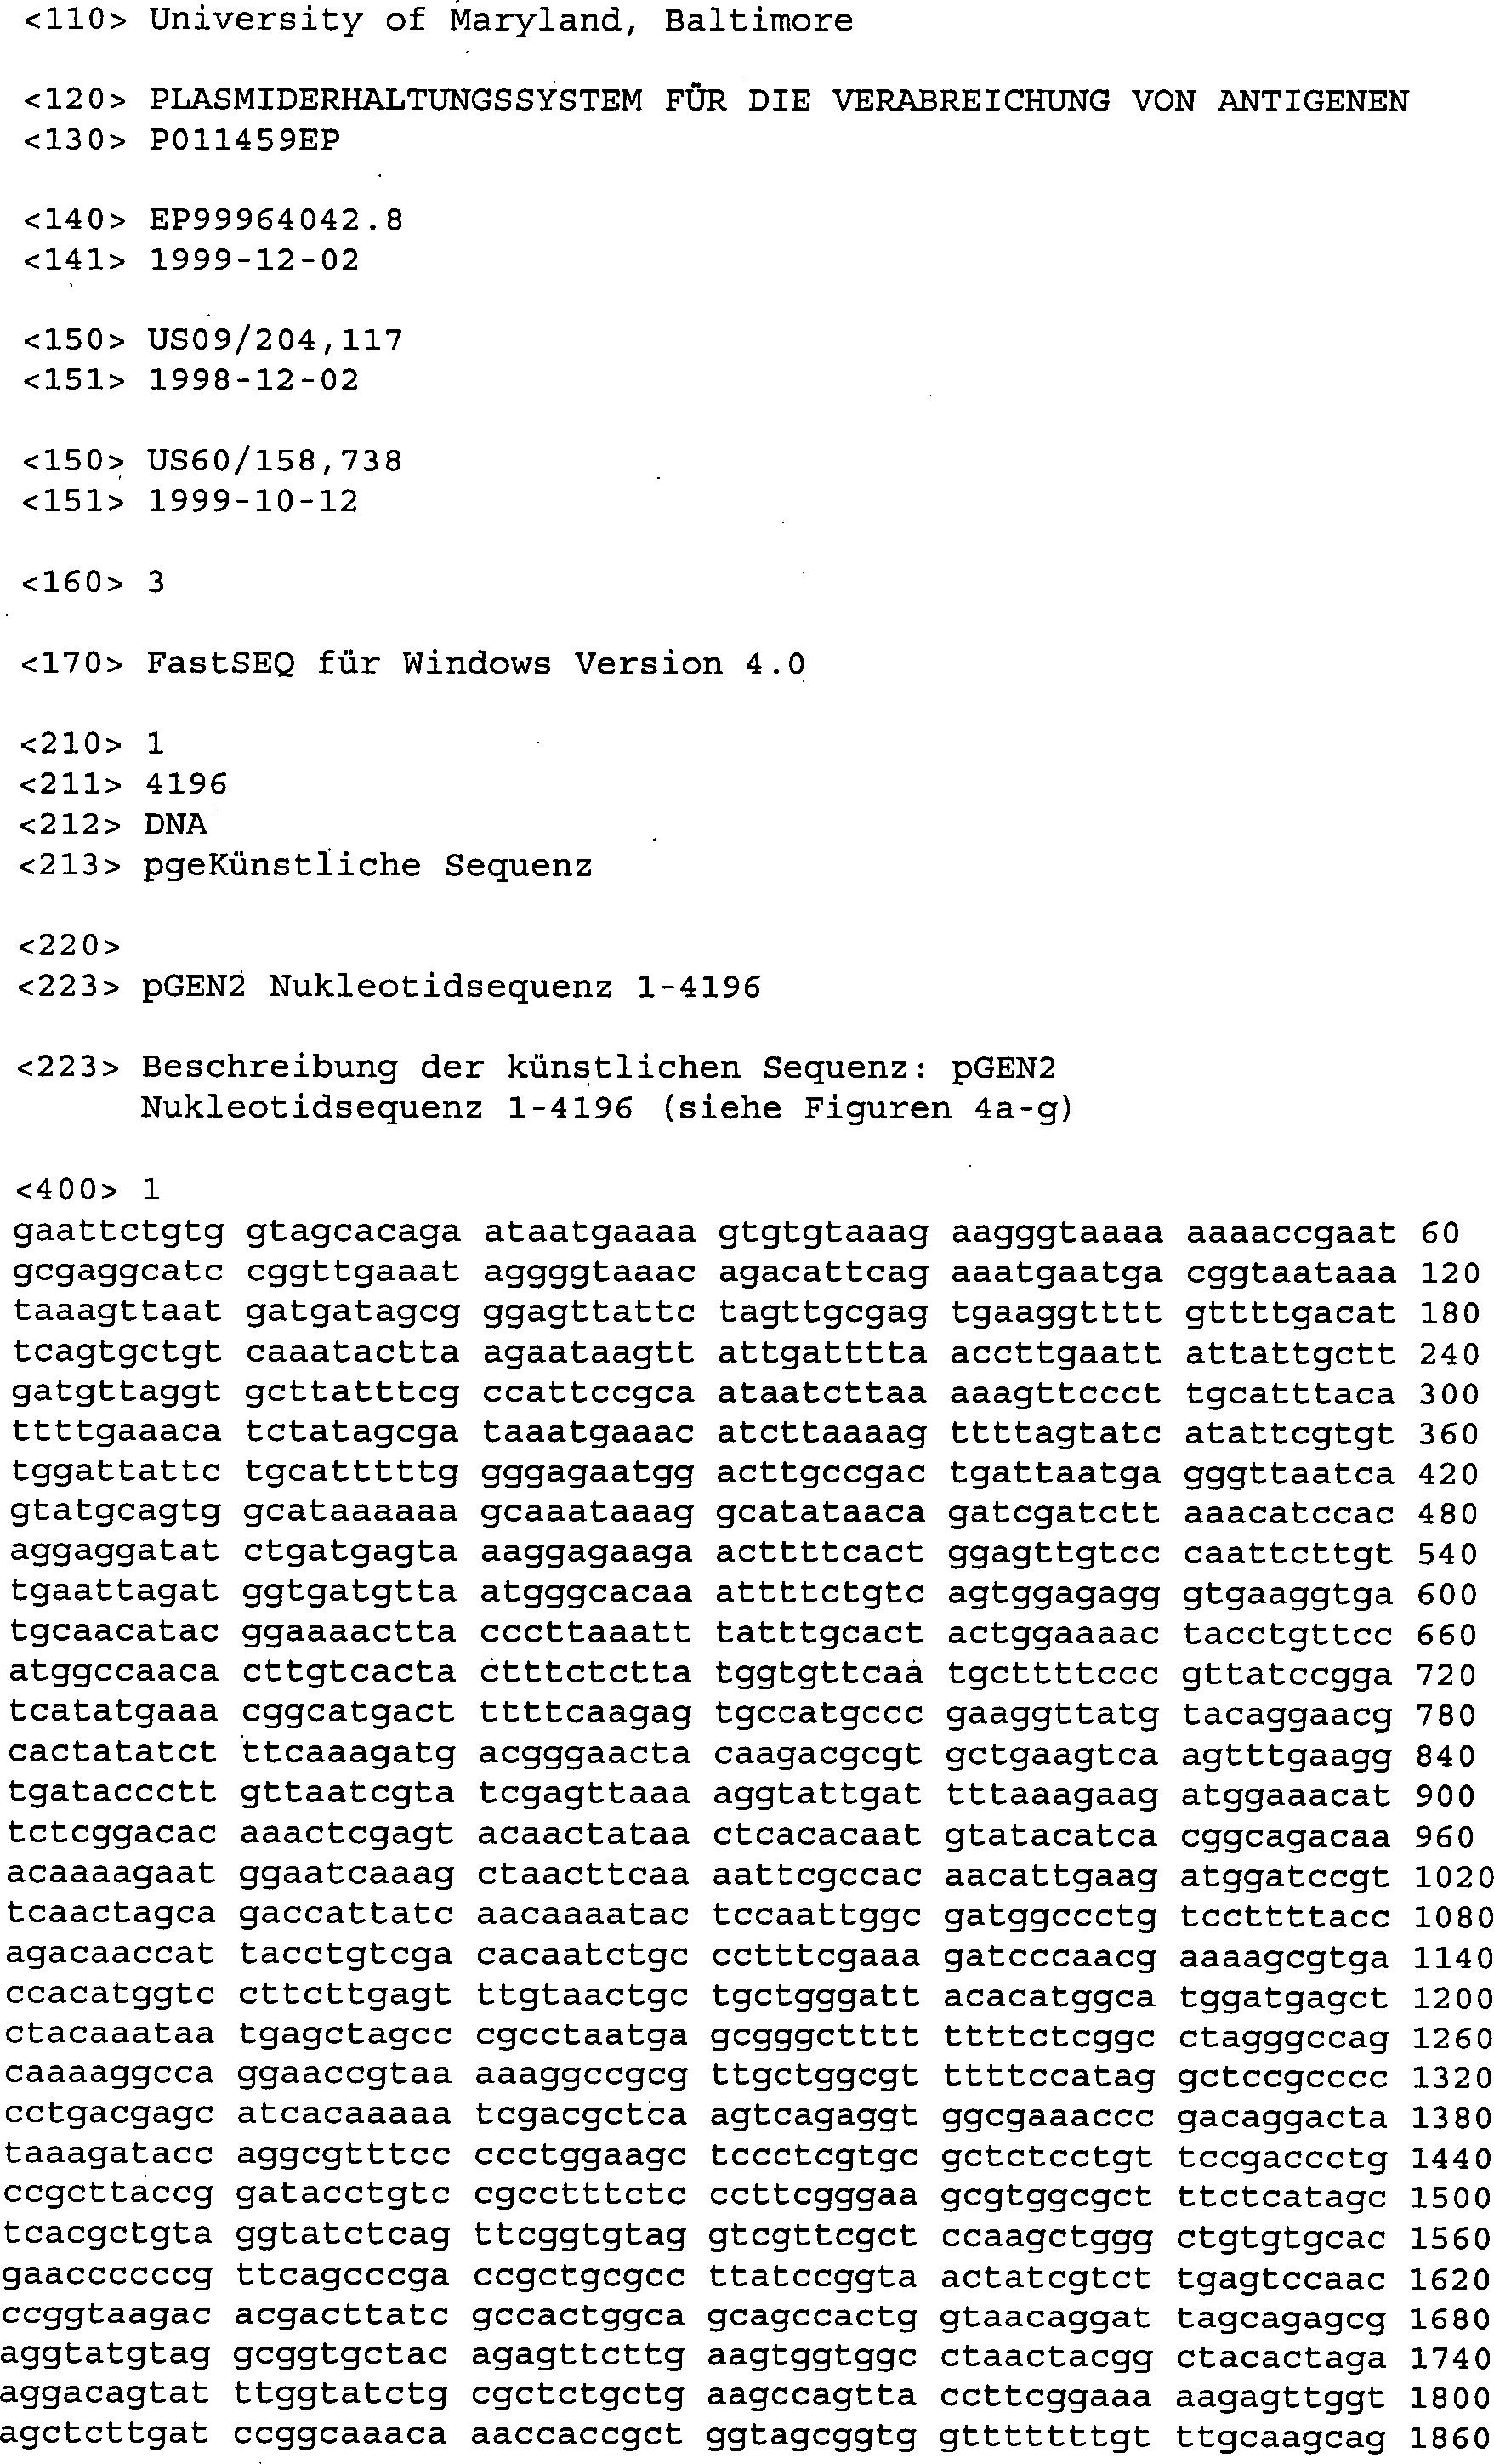 DE T2 Plasmidstabilisierungssystem für verabreichung